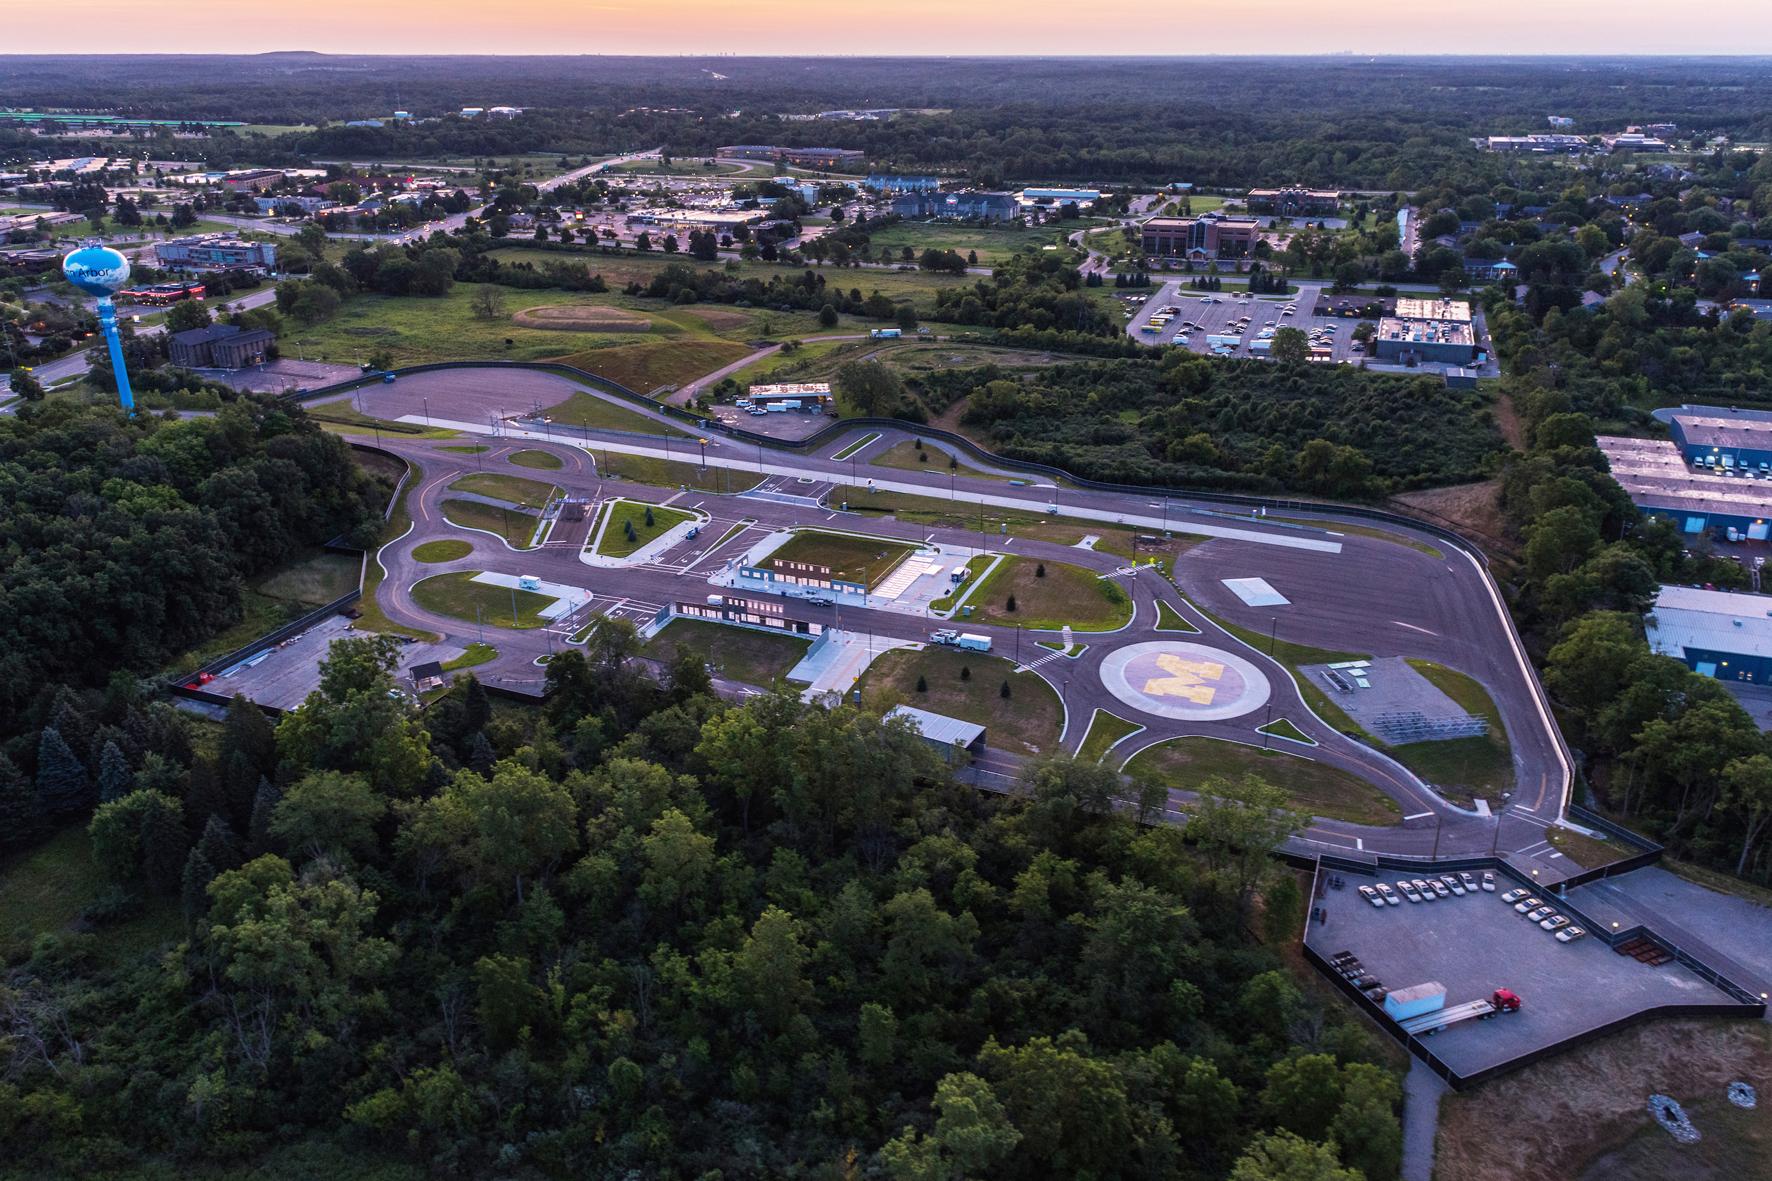 """mid Düsseldorf - Die Universität von Michigan hat jetzt ein 130.000 Quadratmeter großes Gelände zum Test autonomer Autos eröffnet. Das Straßennetz von """"M City"""" umfasst insgesamt rund acht Kilometer."""